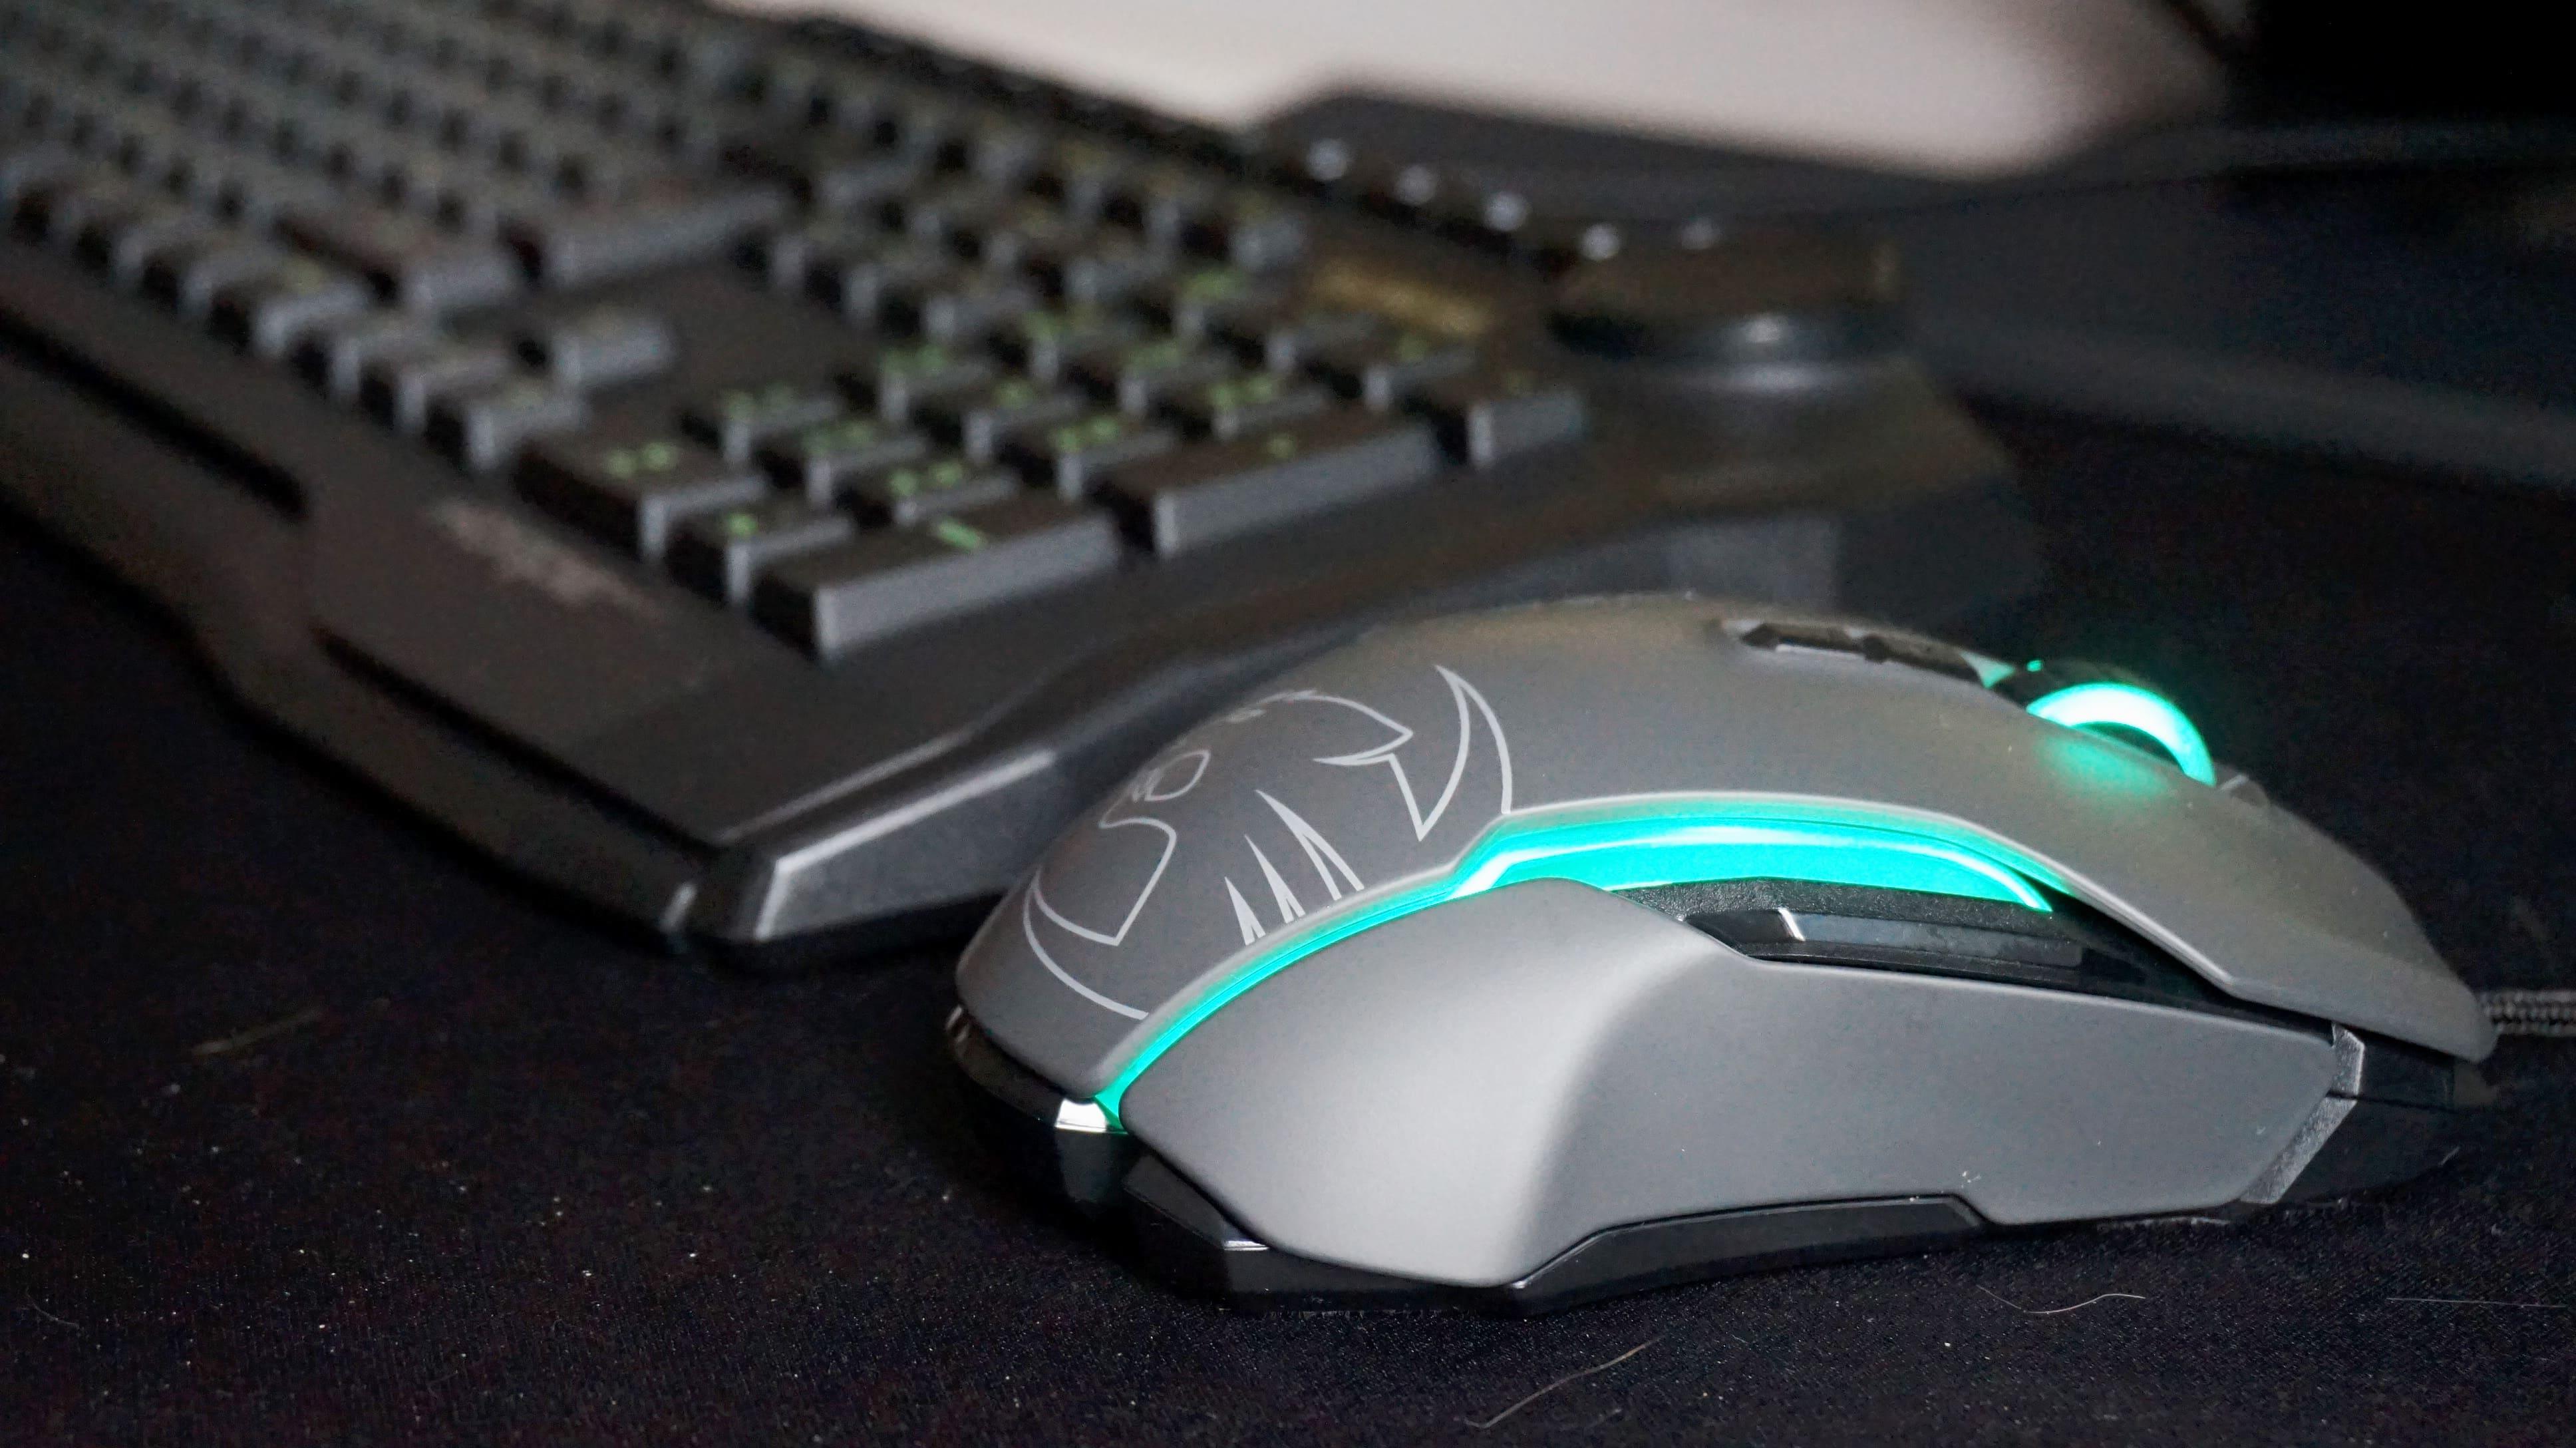 الكنز المفقود! هل من المهم أن تحصل على كيبورد و ماوس مخصصين للألعاب؟! لوحة مفاتيح و فأرة